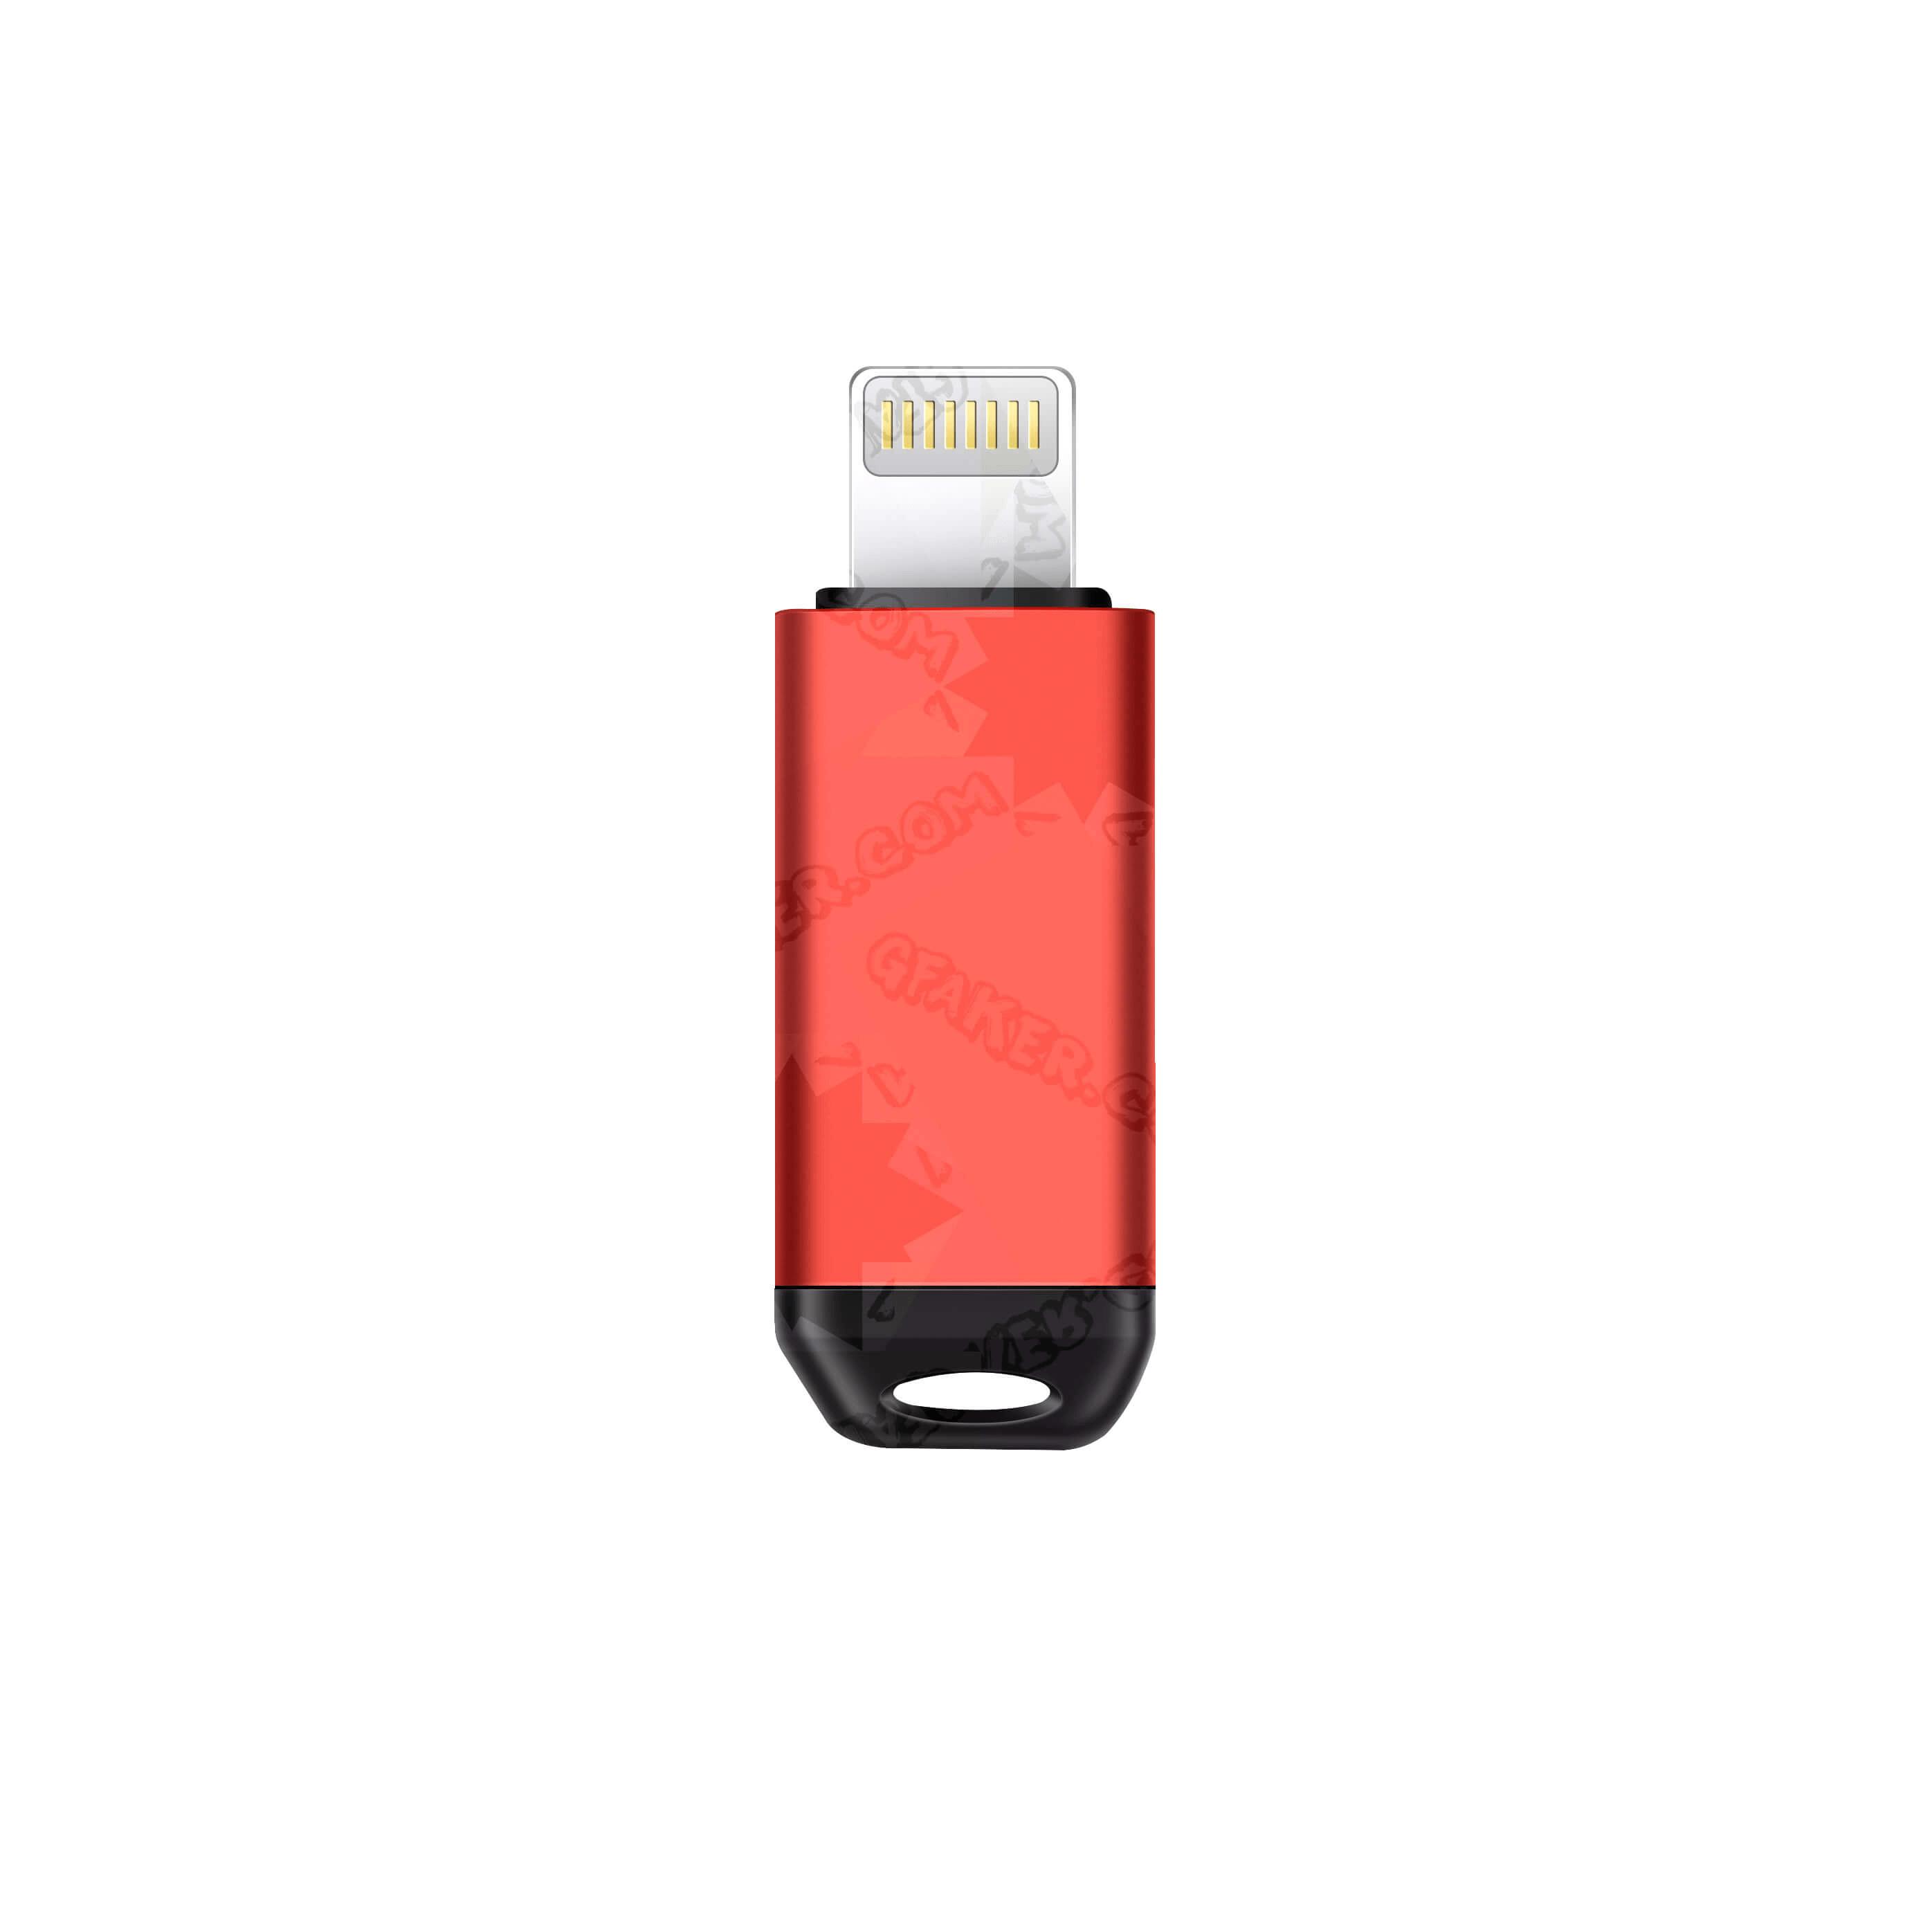 GFaker device